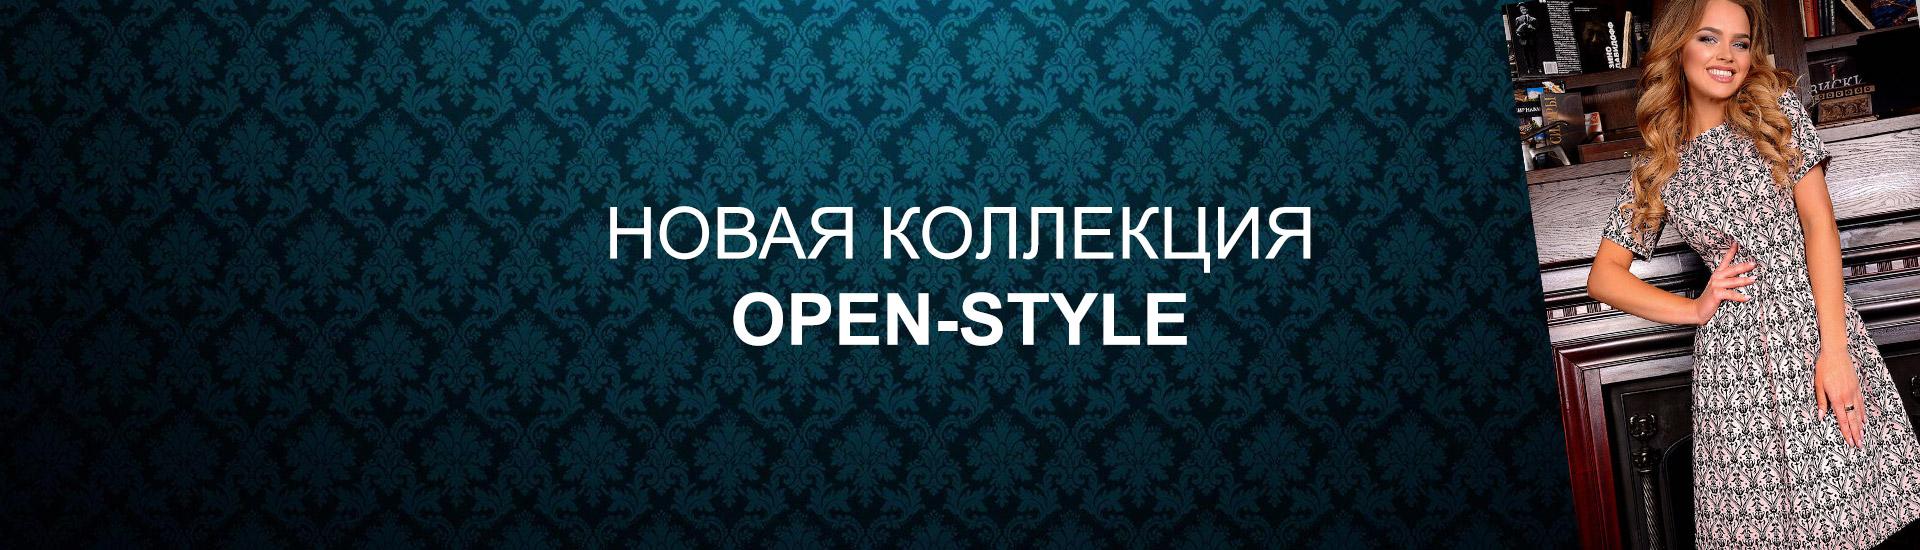 Женская одежда интернет магазин с бесплатной доставкой по россии